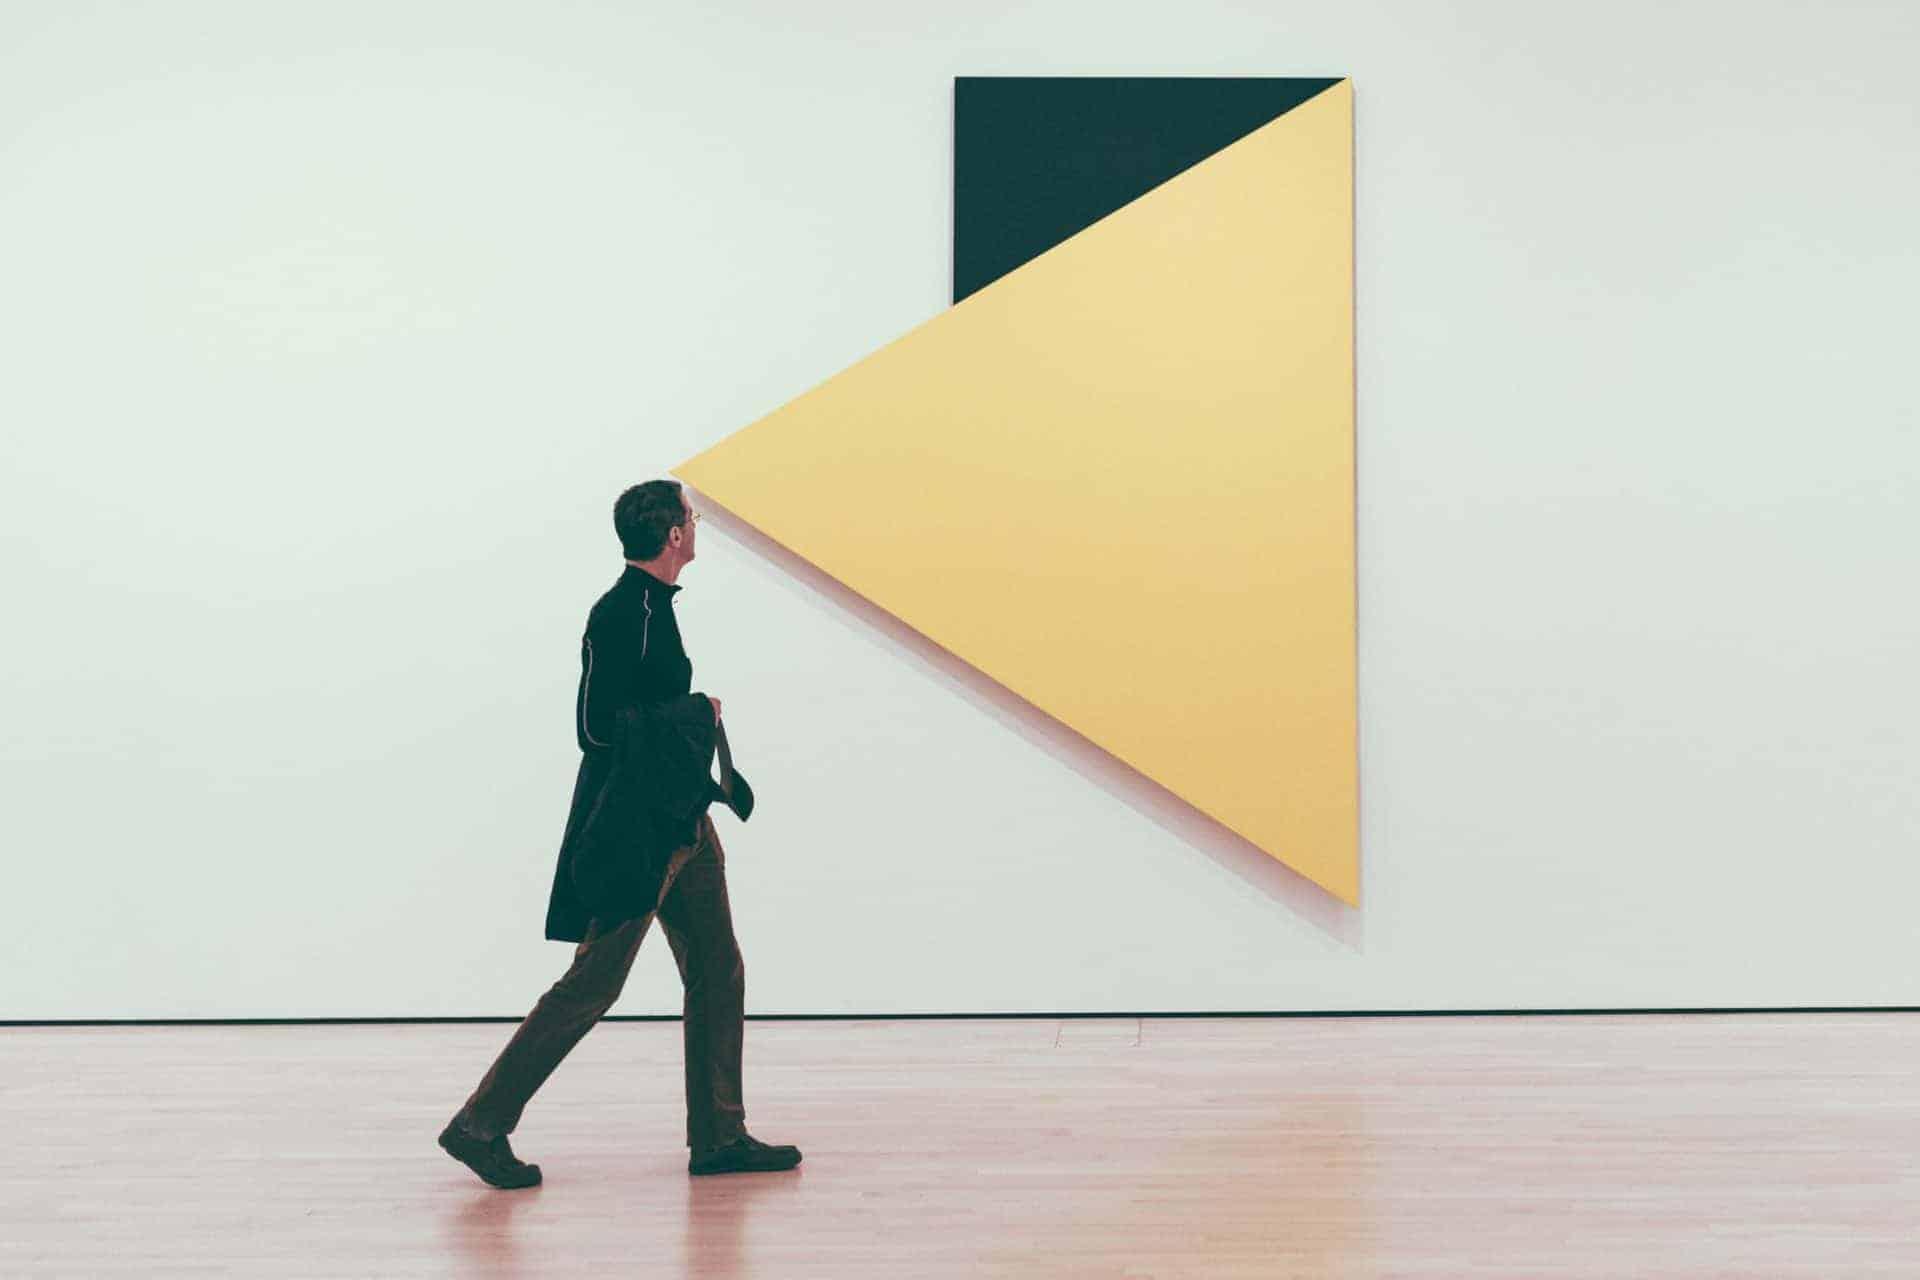 Les triangles et le développement personnel